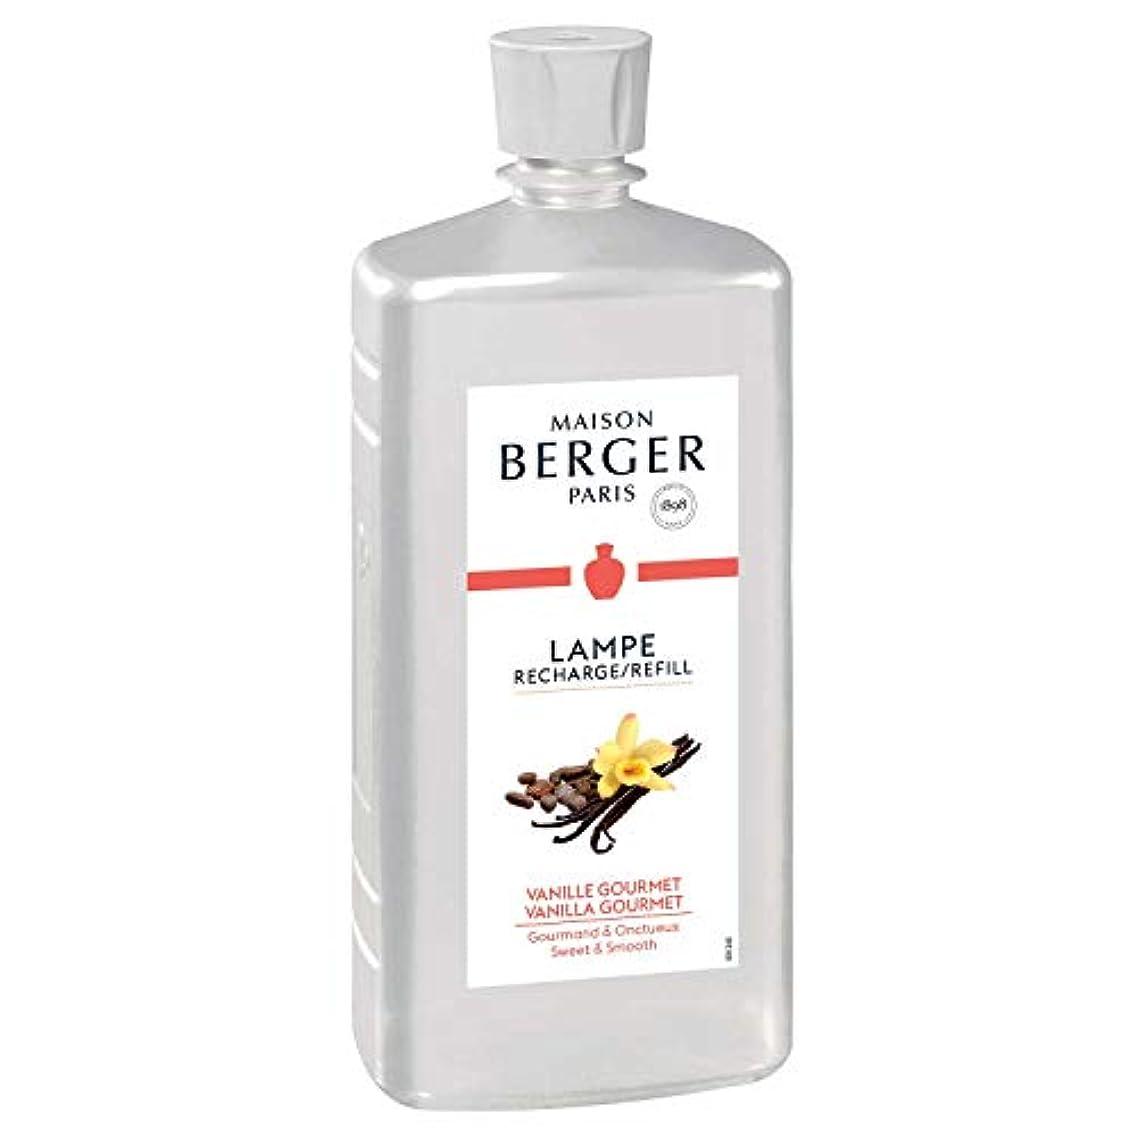 ソフィー製油所キャンバス( ランプベルジェ ) Lampe Berger フランス版 アロマオイル バニラ/Vanille des Iles